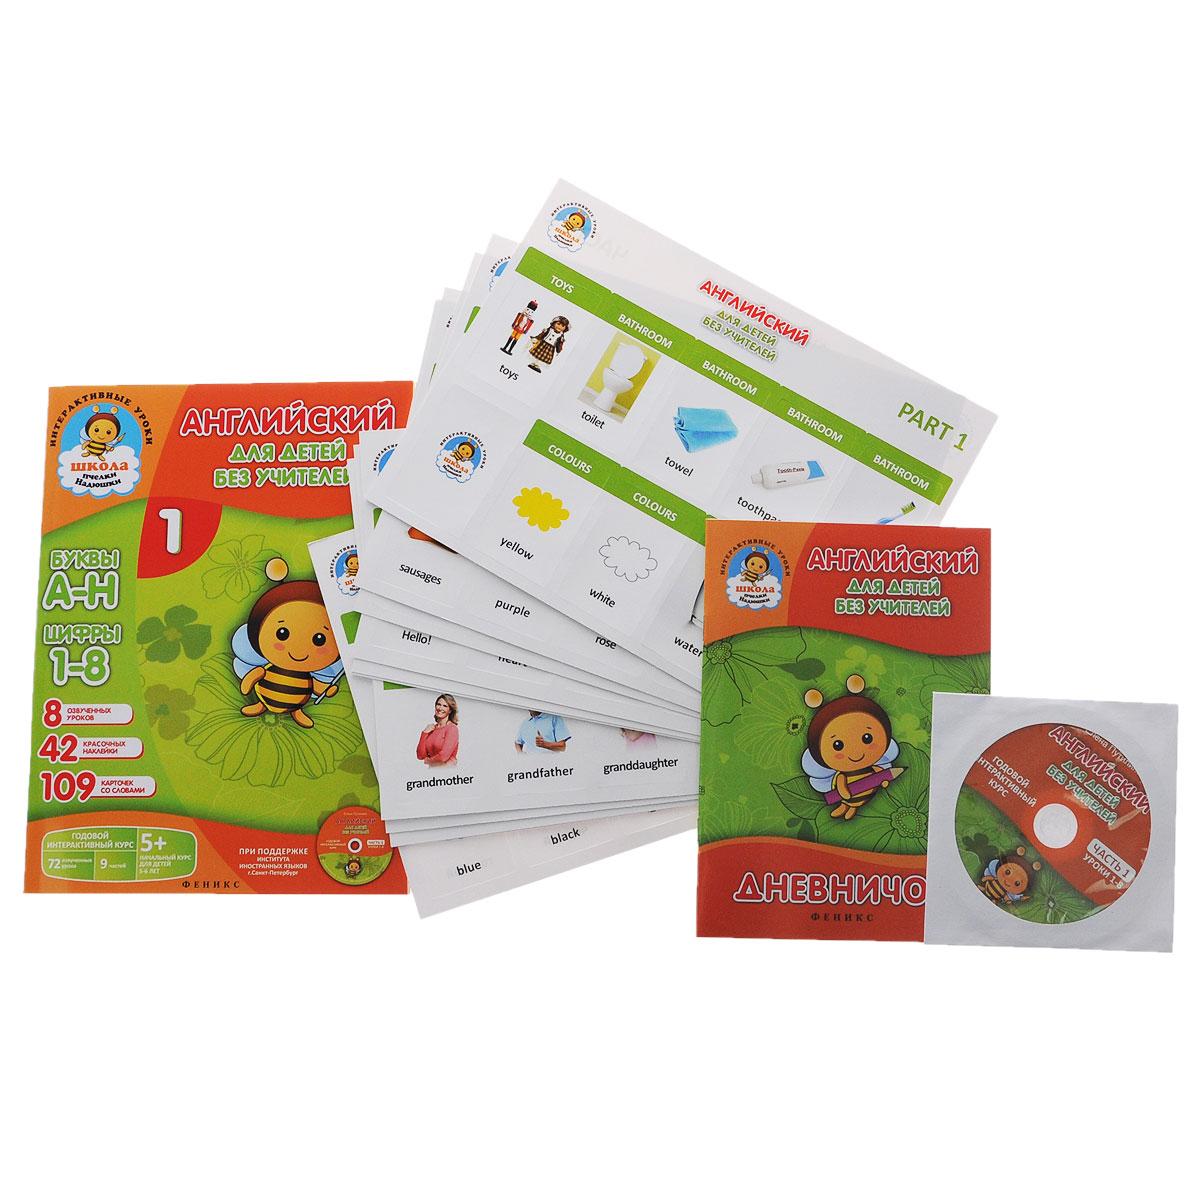 Английский для детей без учителей. Годовой интерактивный курс. Часть 1 (+ CD)